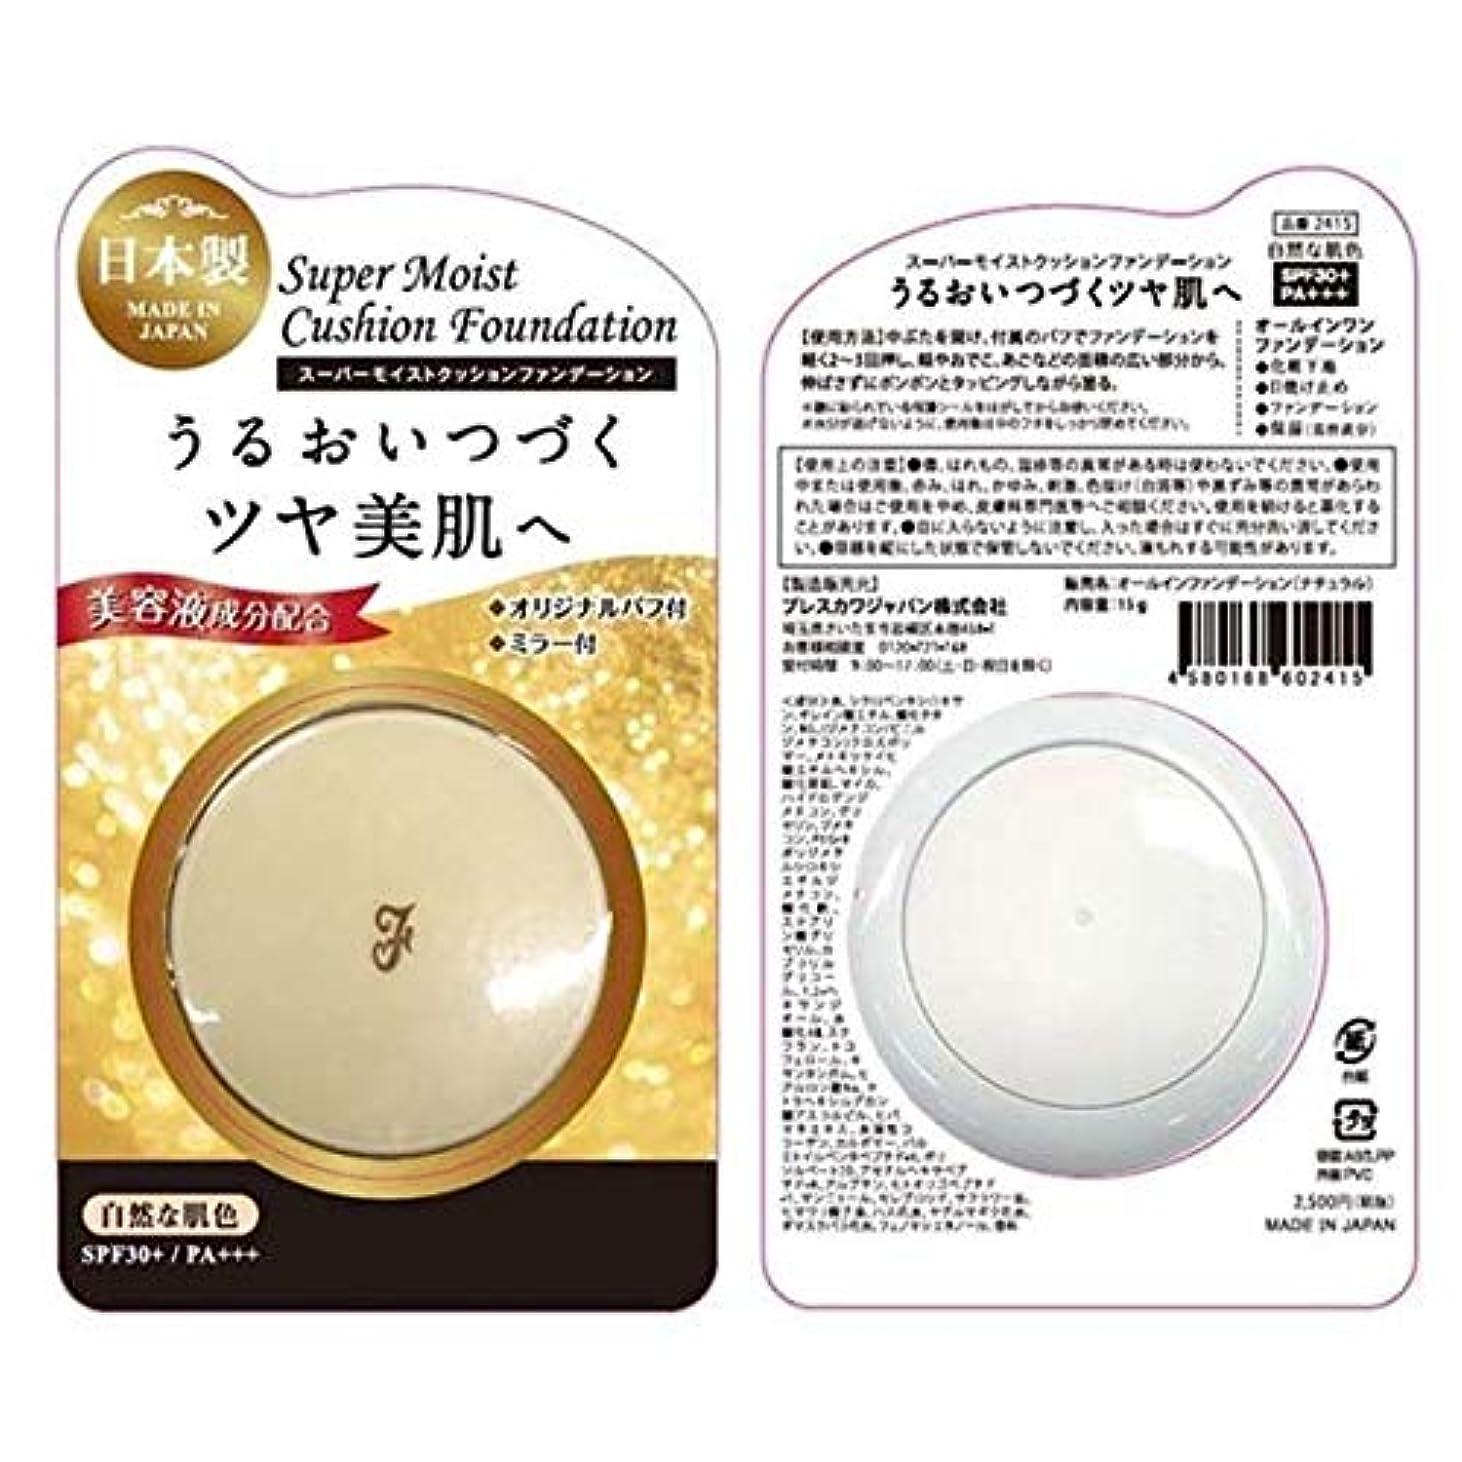 振り返る彼ら称賛日本製●クッションファンデーション SPF30+ PA+++ 新色 自然な肌色 さらっとした使い心地 コスメ しっとりなめらか ファンデ